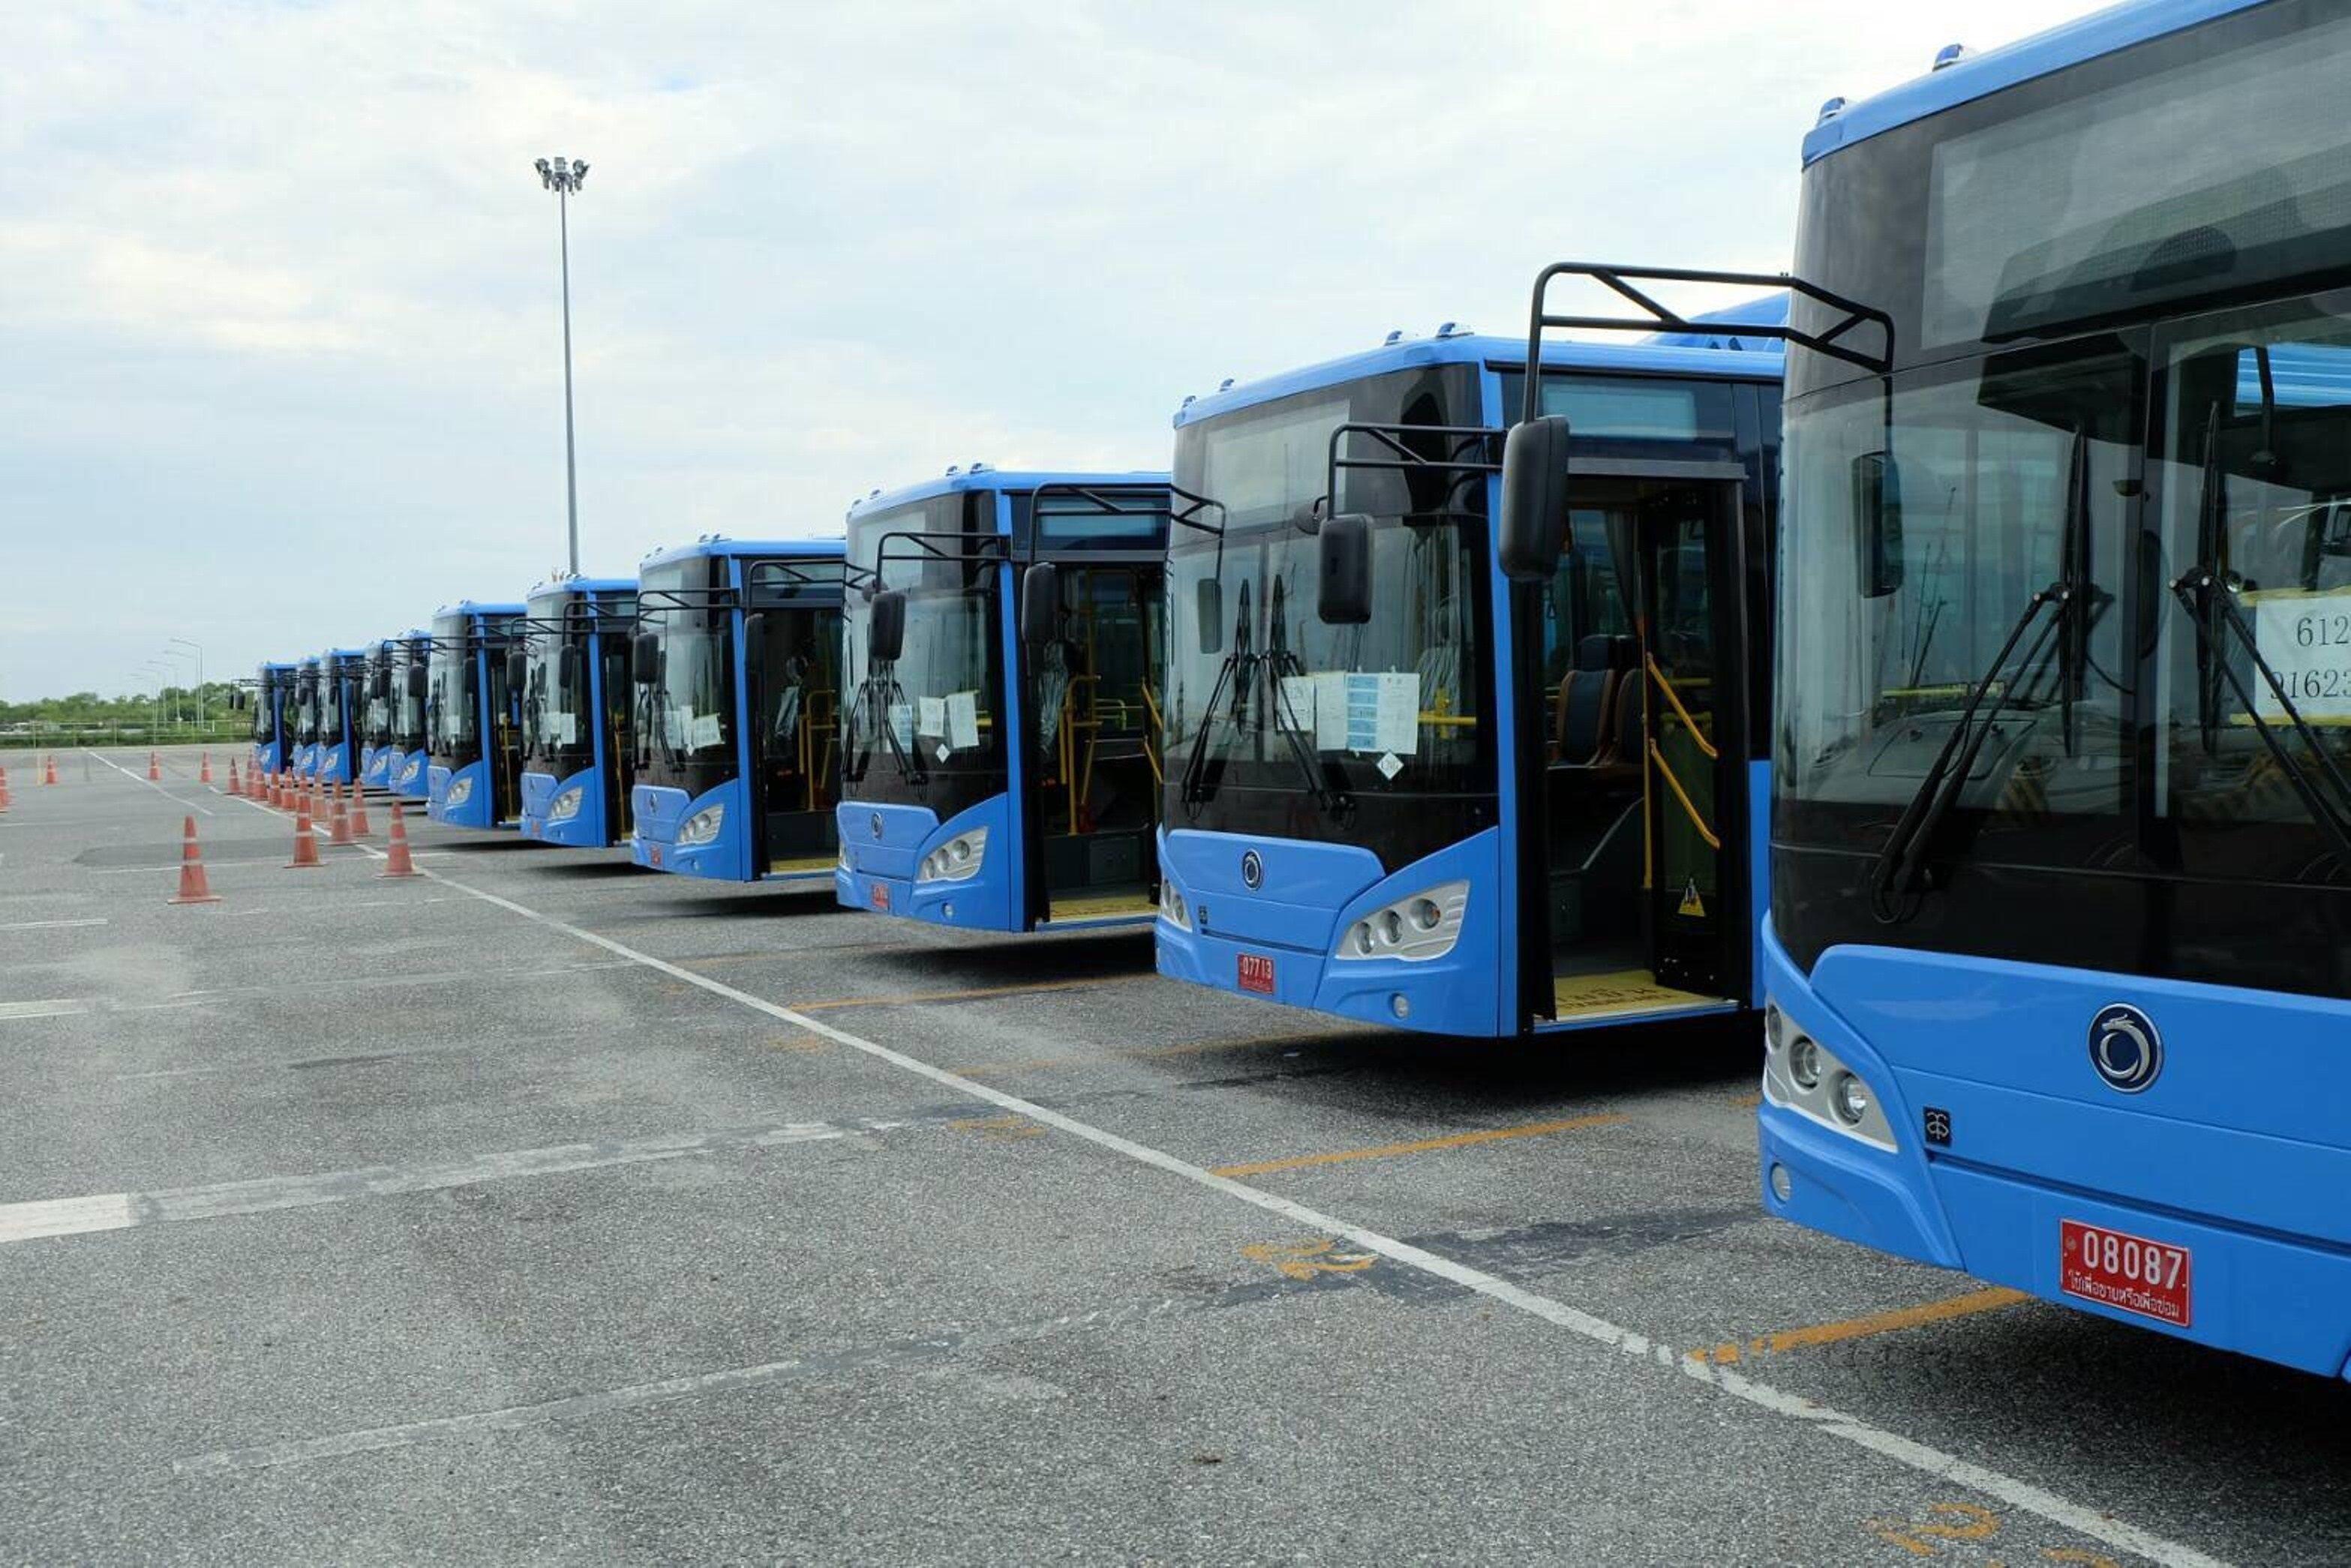 ดีเดย์ 5 มี.ค. ขสมก.เปิดวิ่งรถเมล์ สาย 132 พระโขนง-การเคหะแห่งชาติโครงการวาระที่ 2